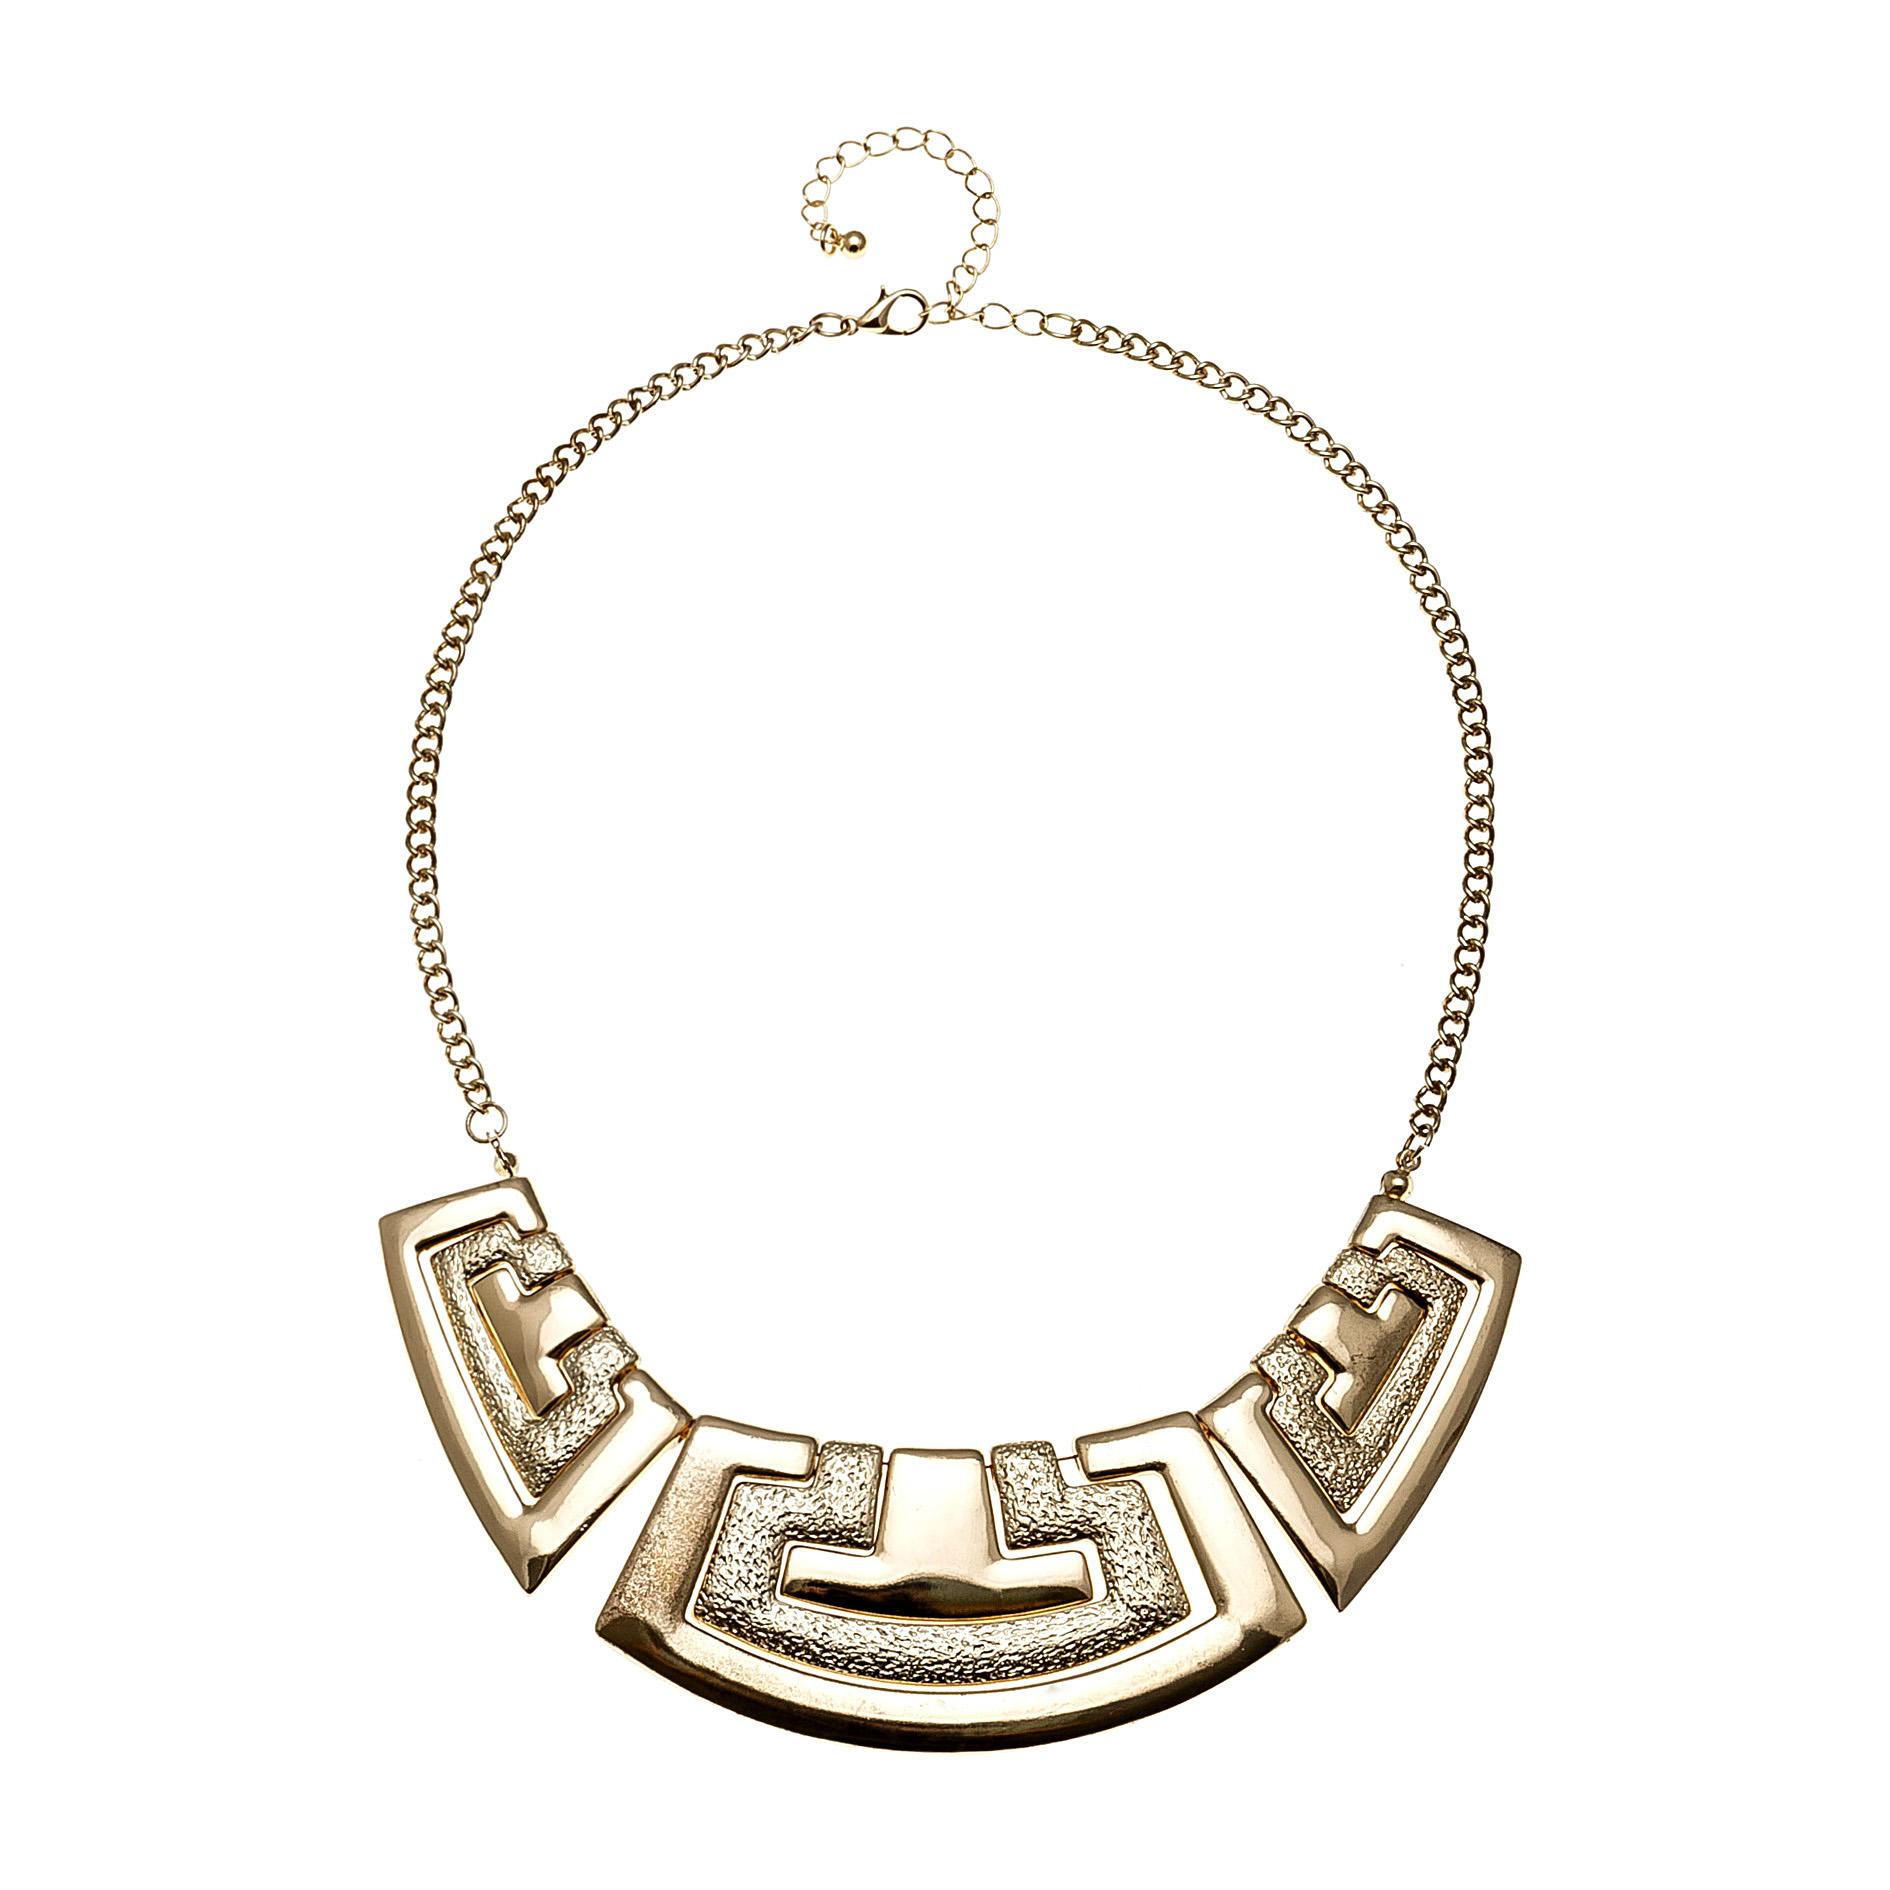 欧美时尚金属夸张项链